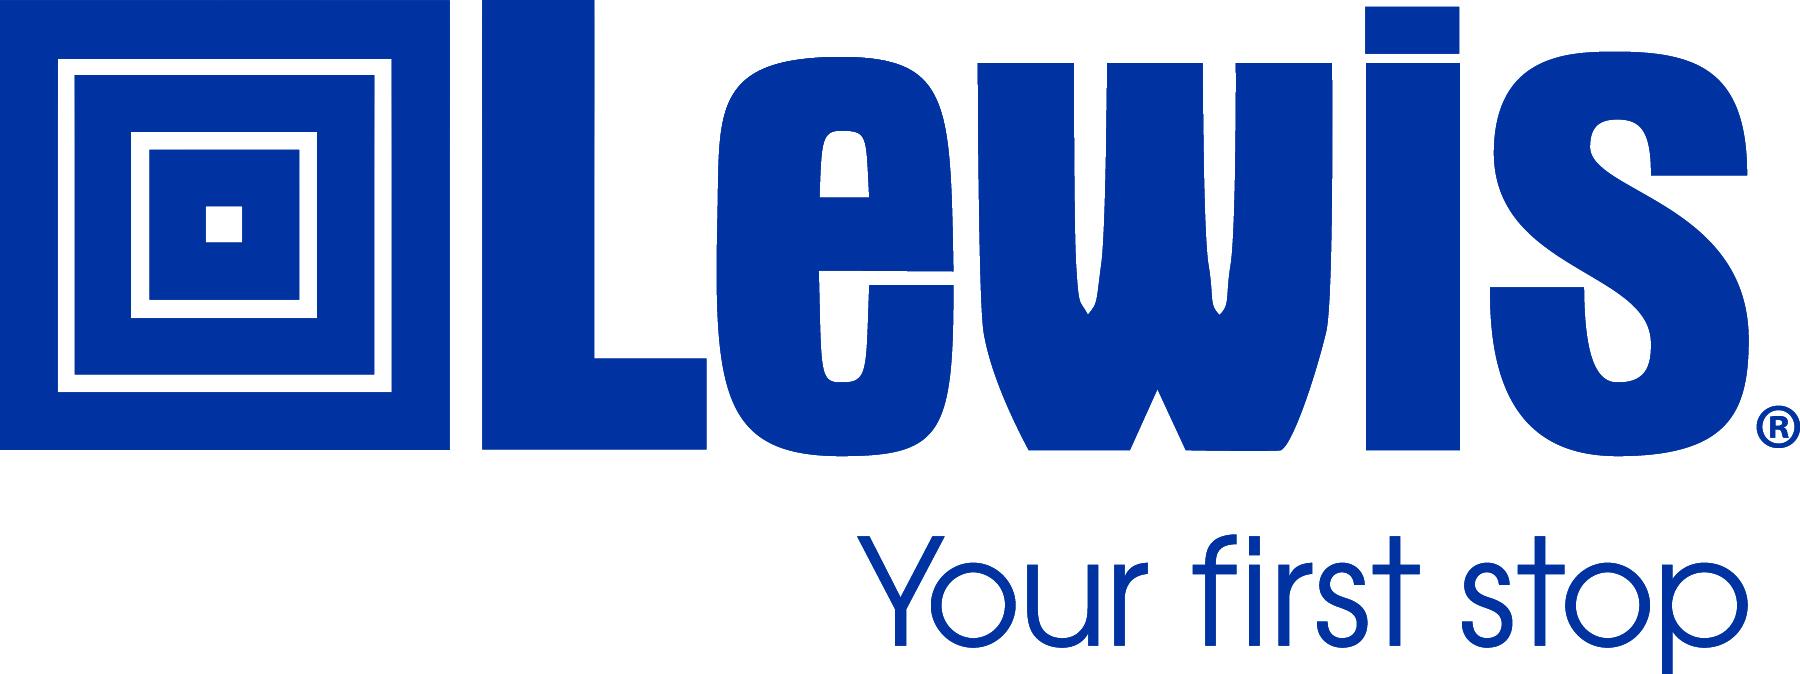 Lewis_yourfirststop_pantone 286.jpg